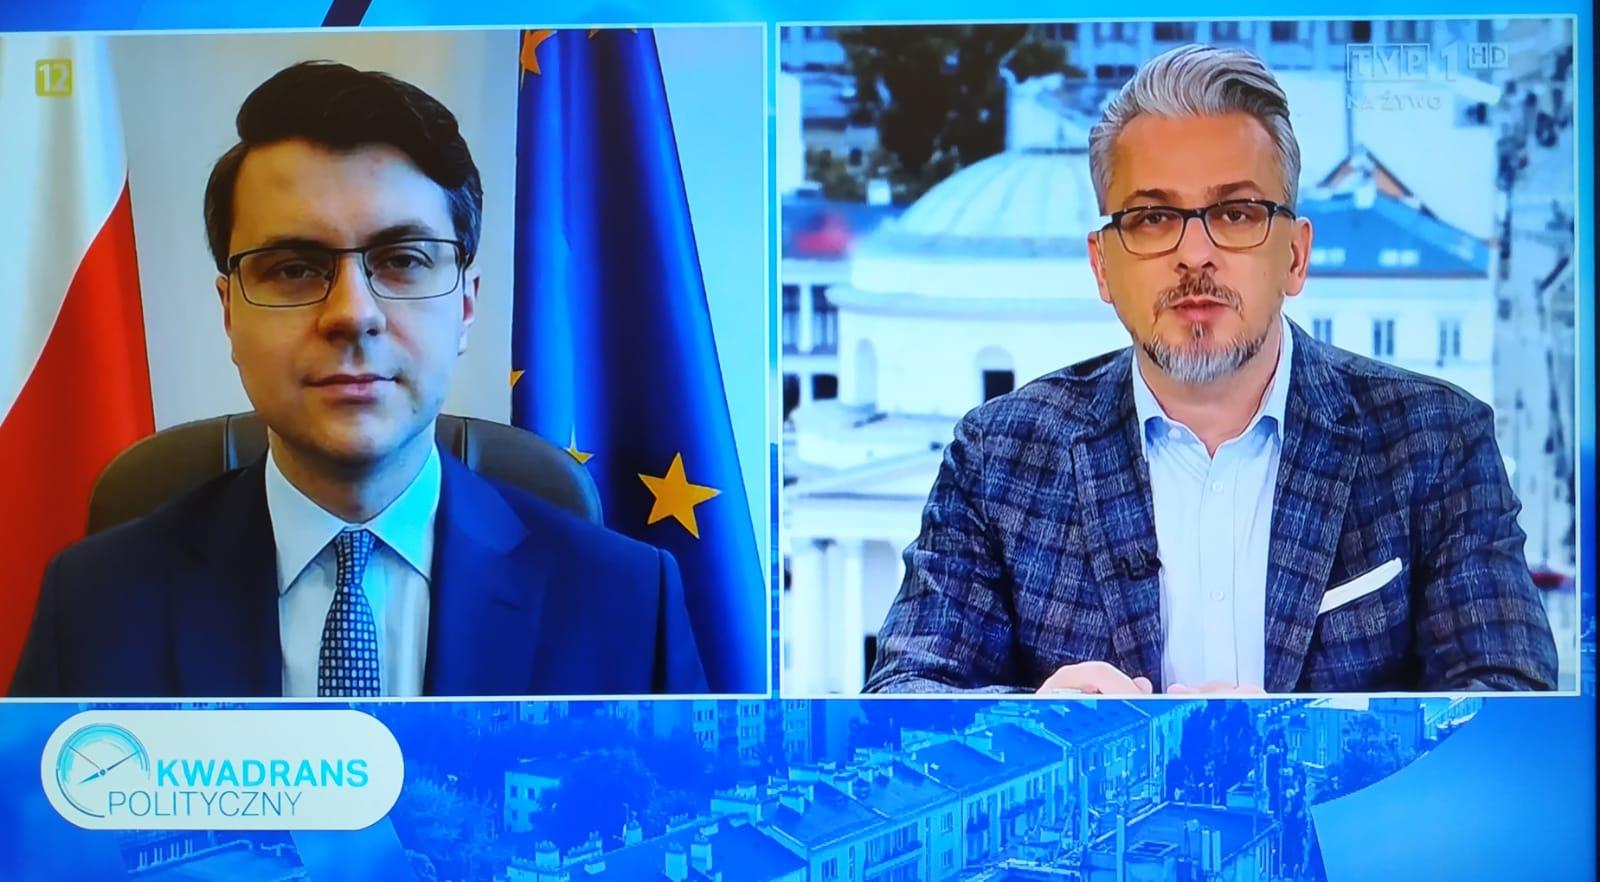 Gość programu Kwadrans polityczny w TVP1